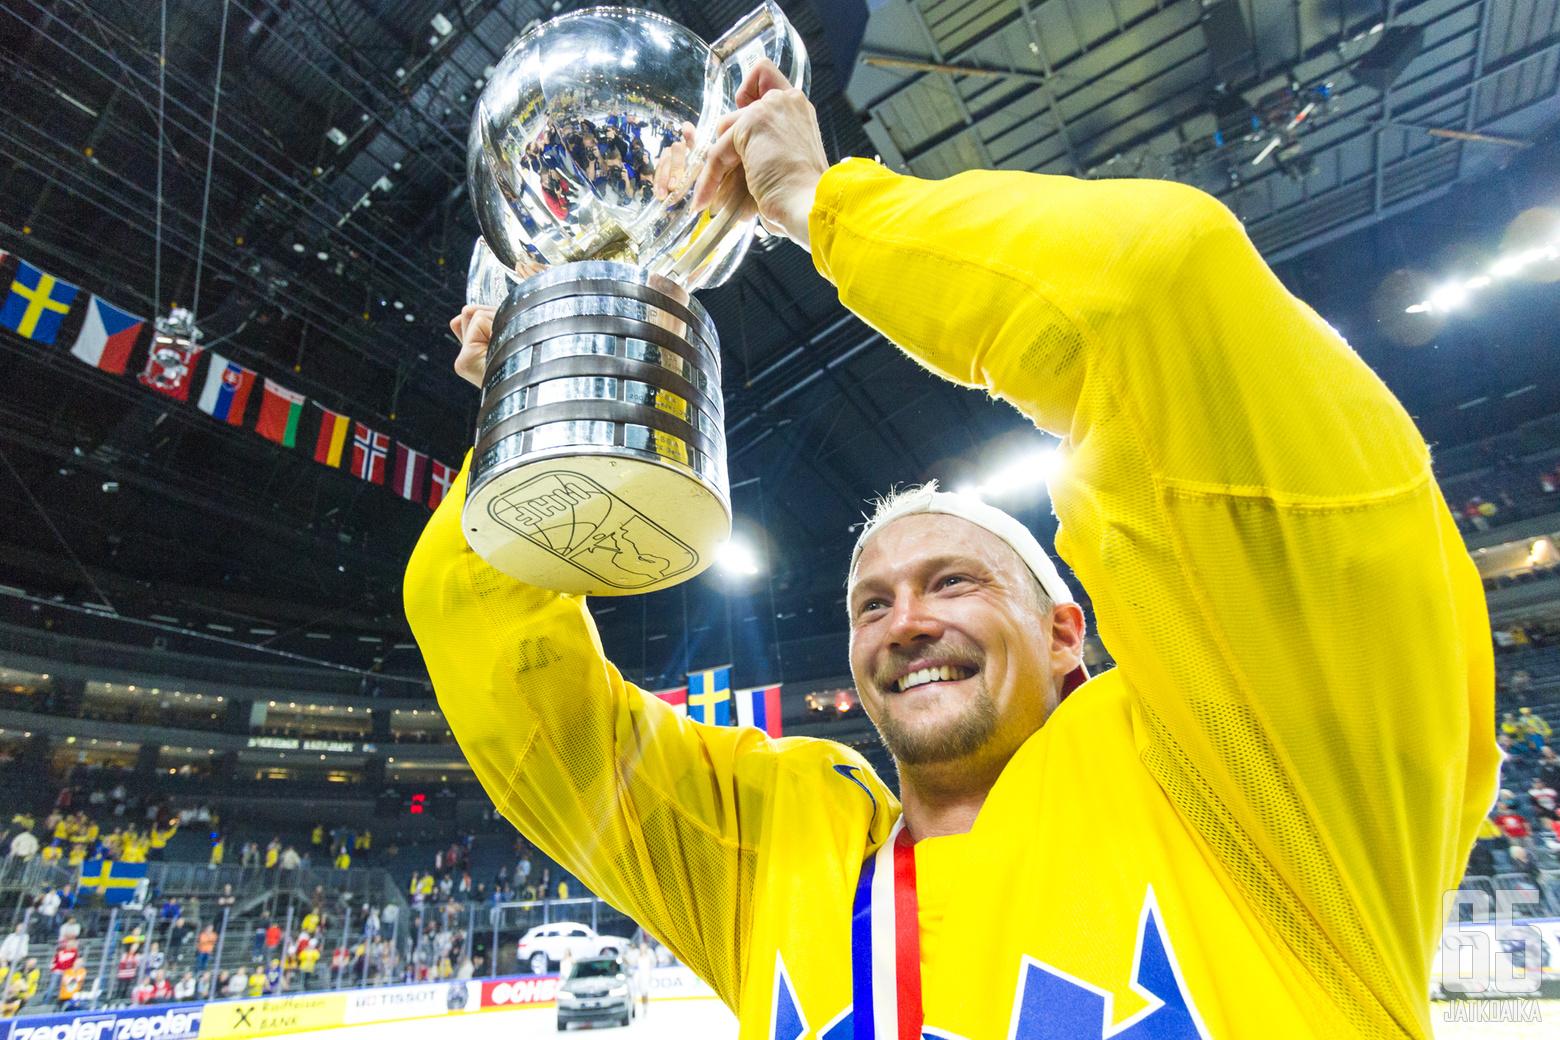 20172105 Köln,Jääkiekon MM Kanada - RuotsiKuvassa AOP